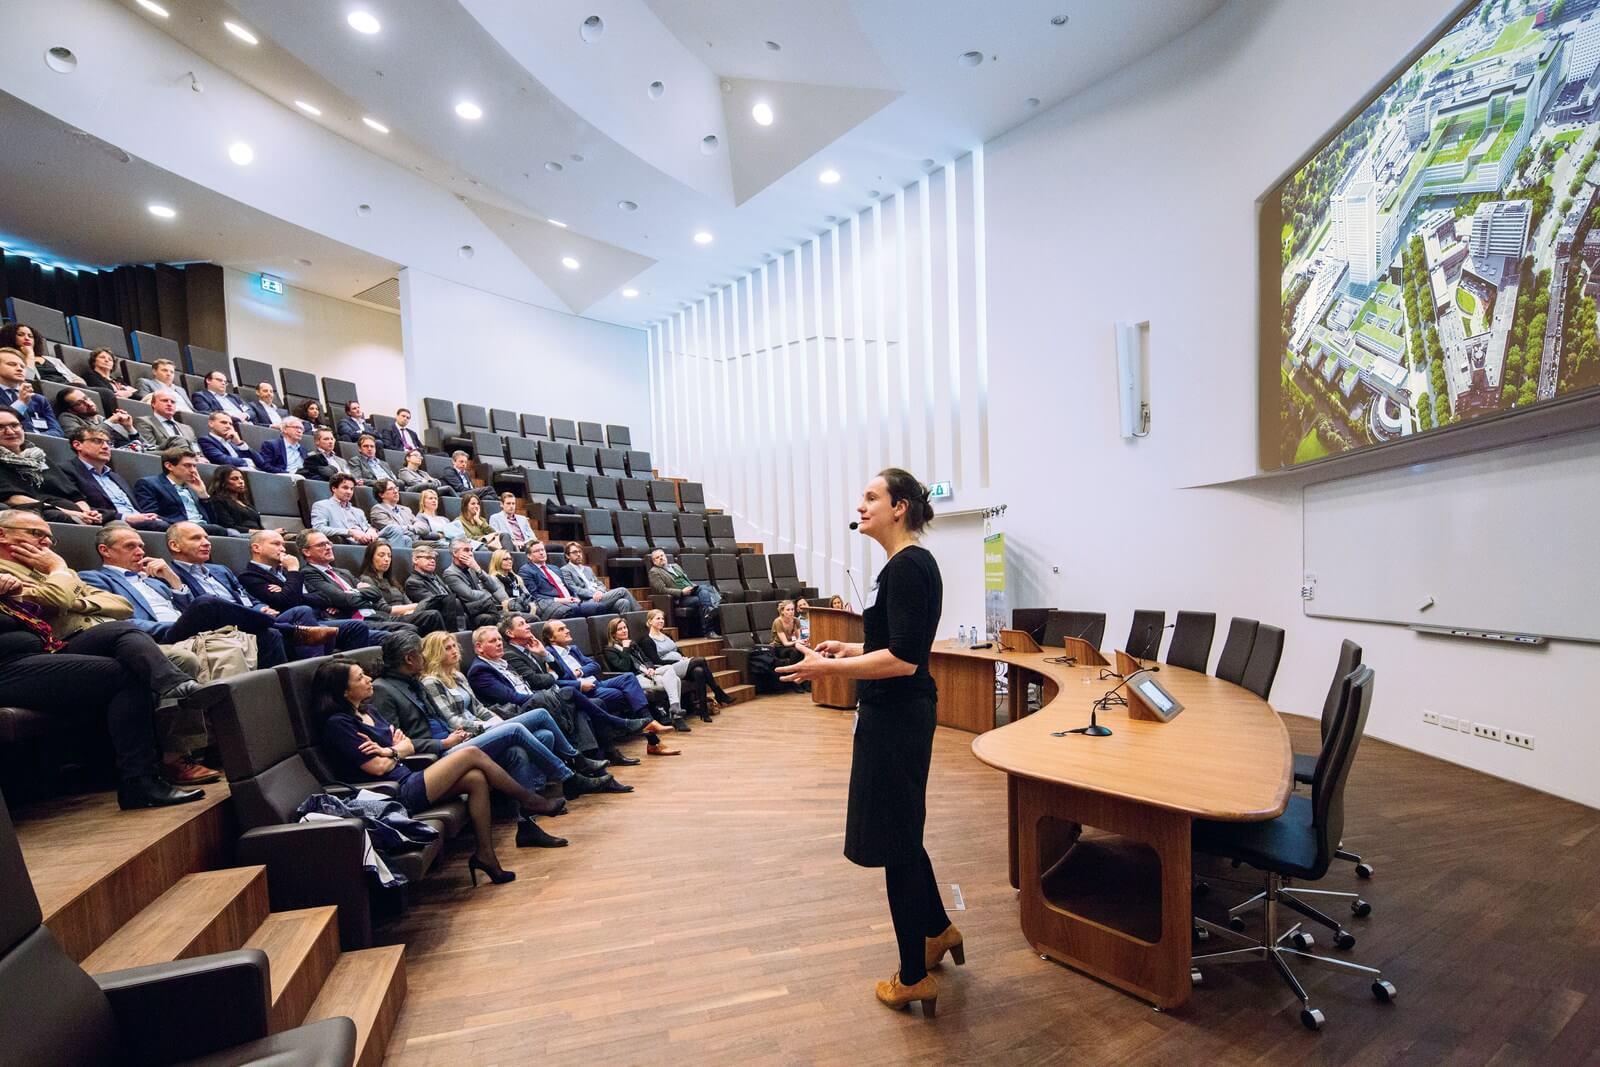 Willemineke Hammer - Erasmus MC 27 maart 2015 Beeld: Ronald Schlundt Bodien/EGM architecten